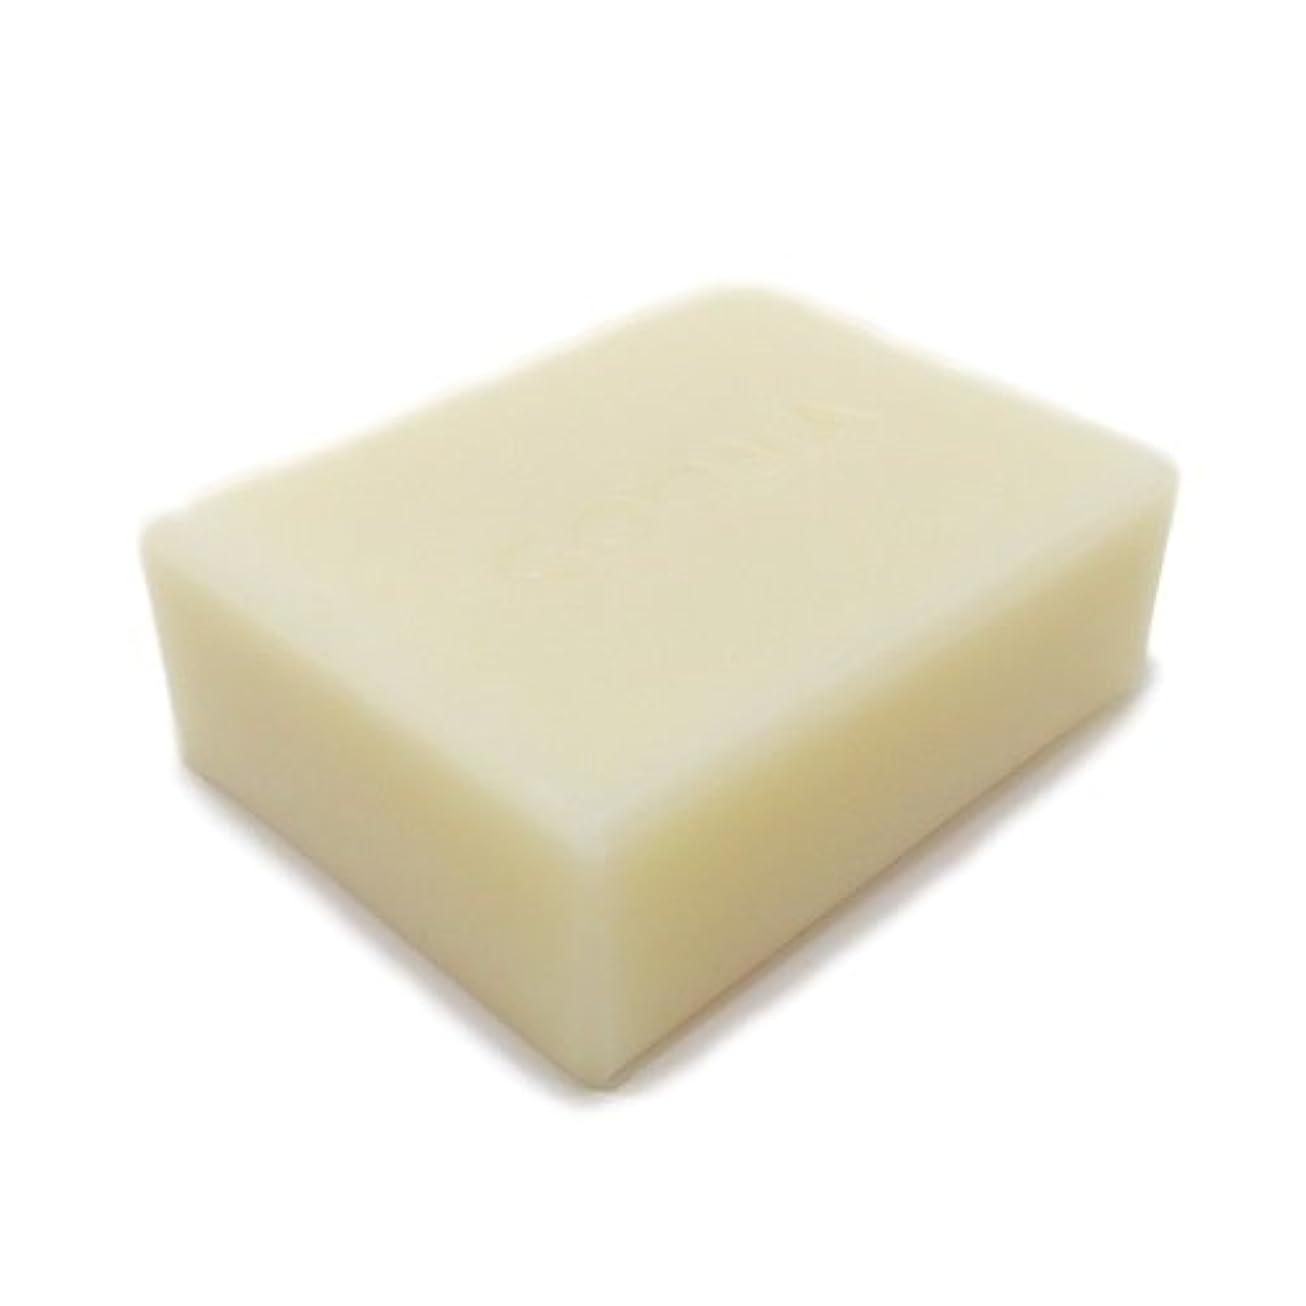 戸惑うオート中性浴用石鹸 COONA和の香り石けん はっか (天然素材 自然派 コールドプロセス 手作り せっけん) 80g